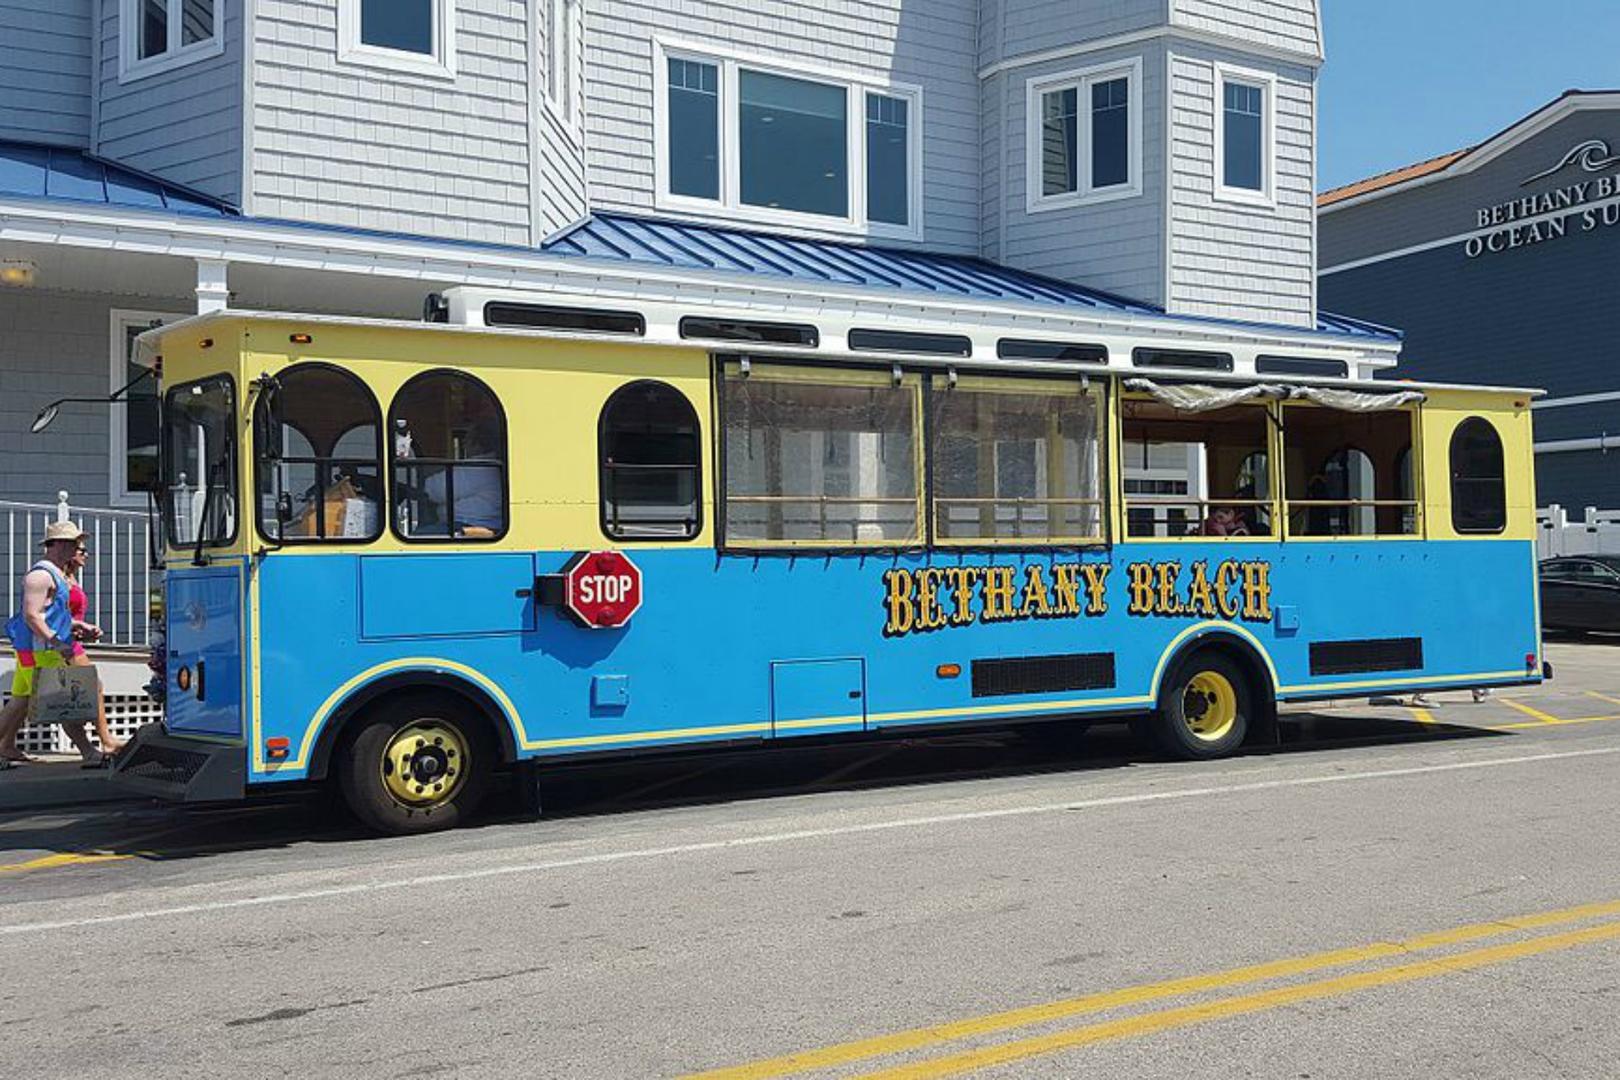 Bethany Beach Trolley (fee associated)